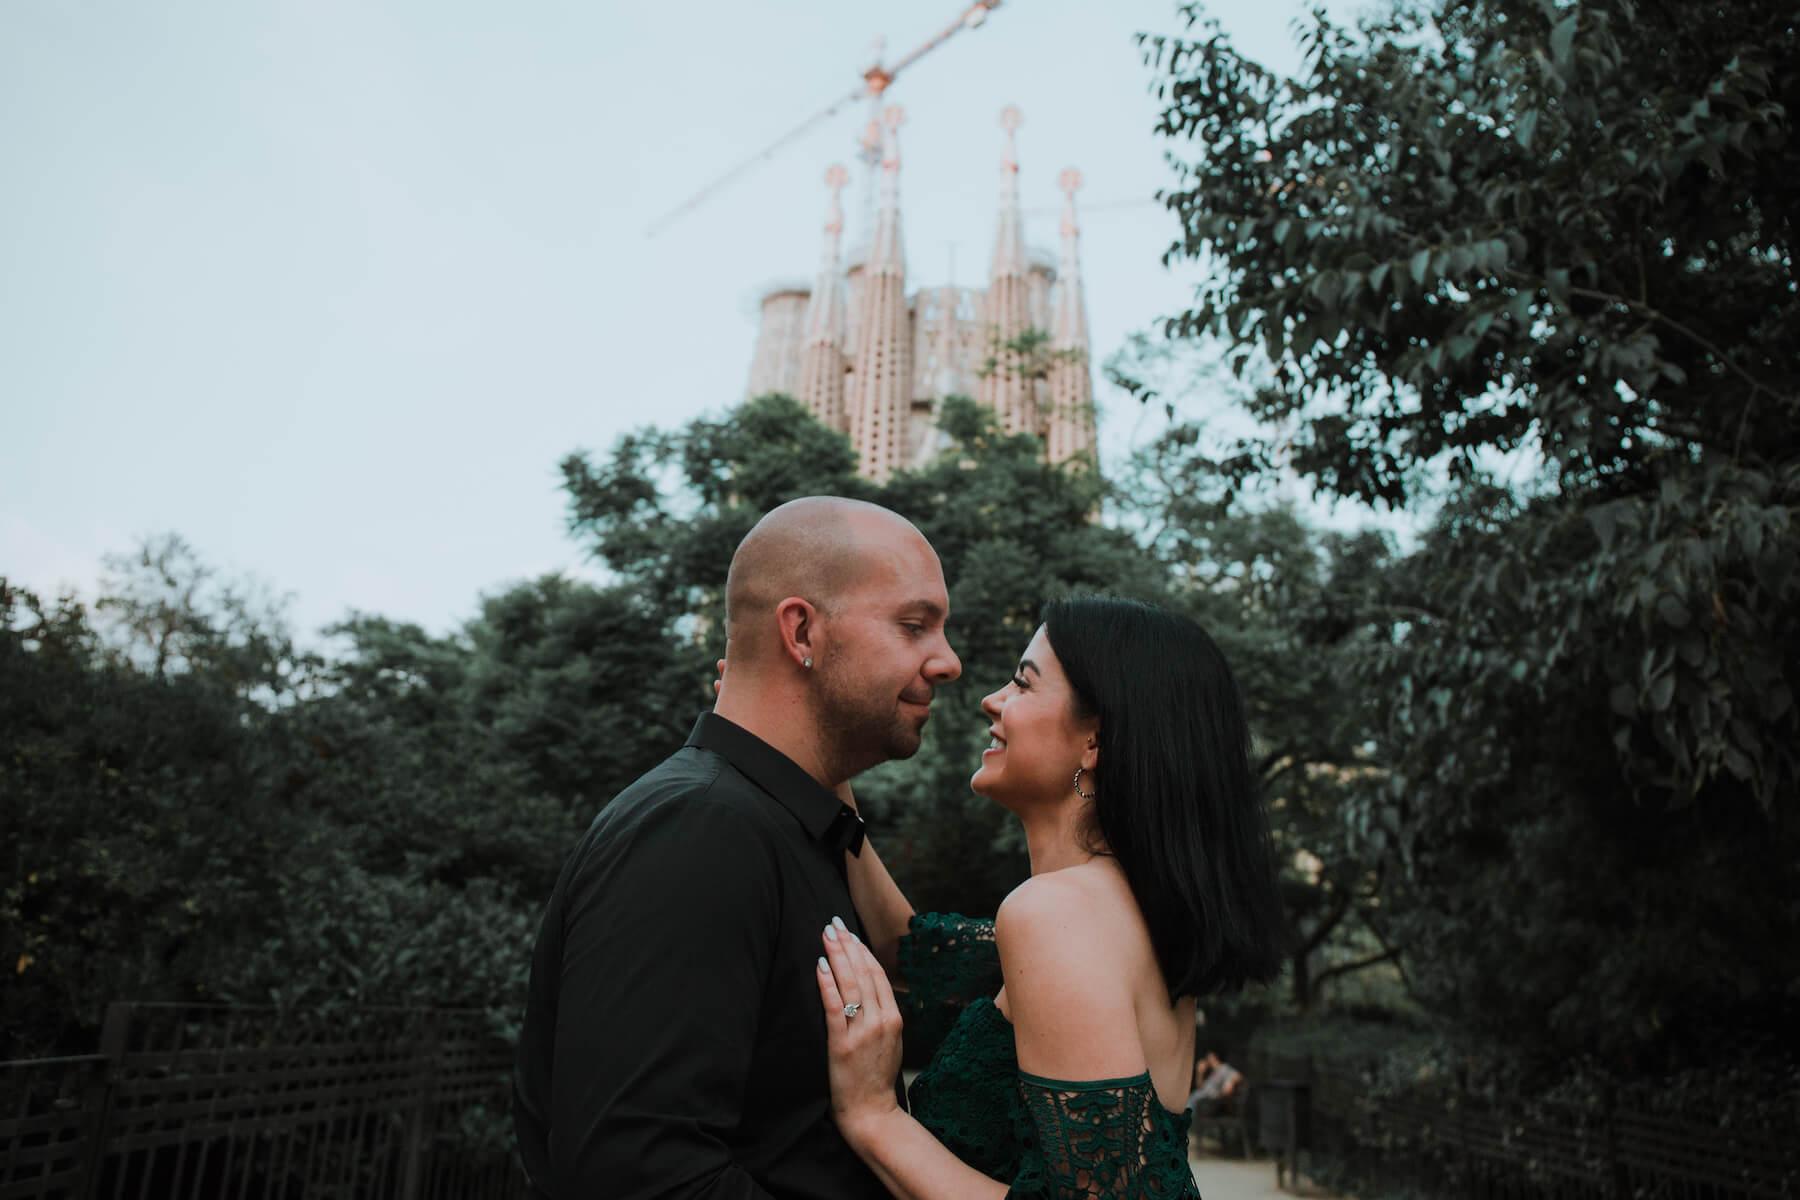 couples trip in Sagrada Familiar in Barcelona, Spain